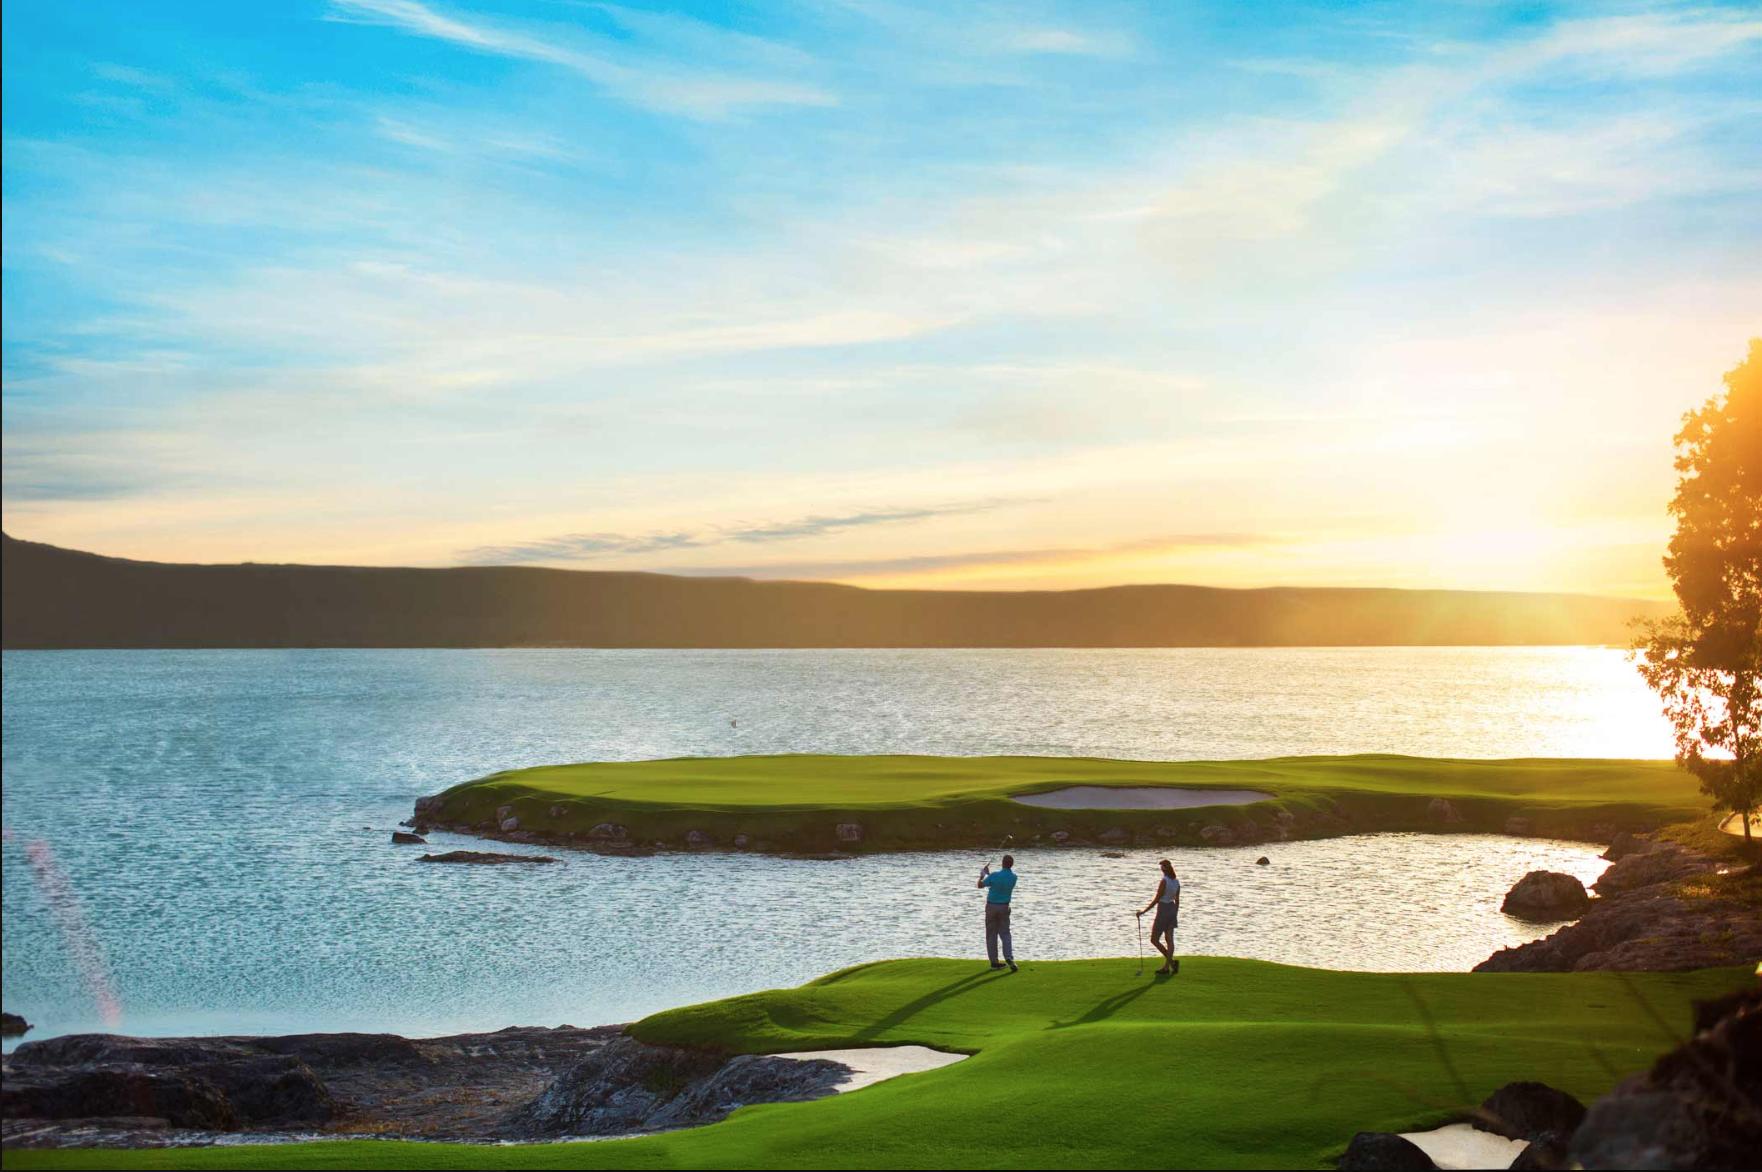 Baha Mar Golf Course